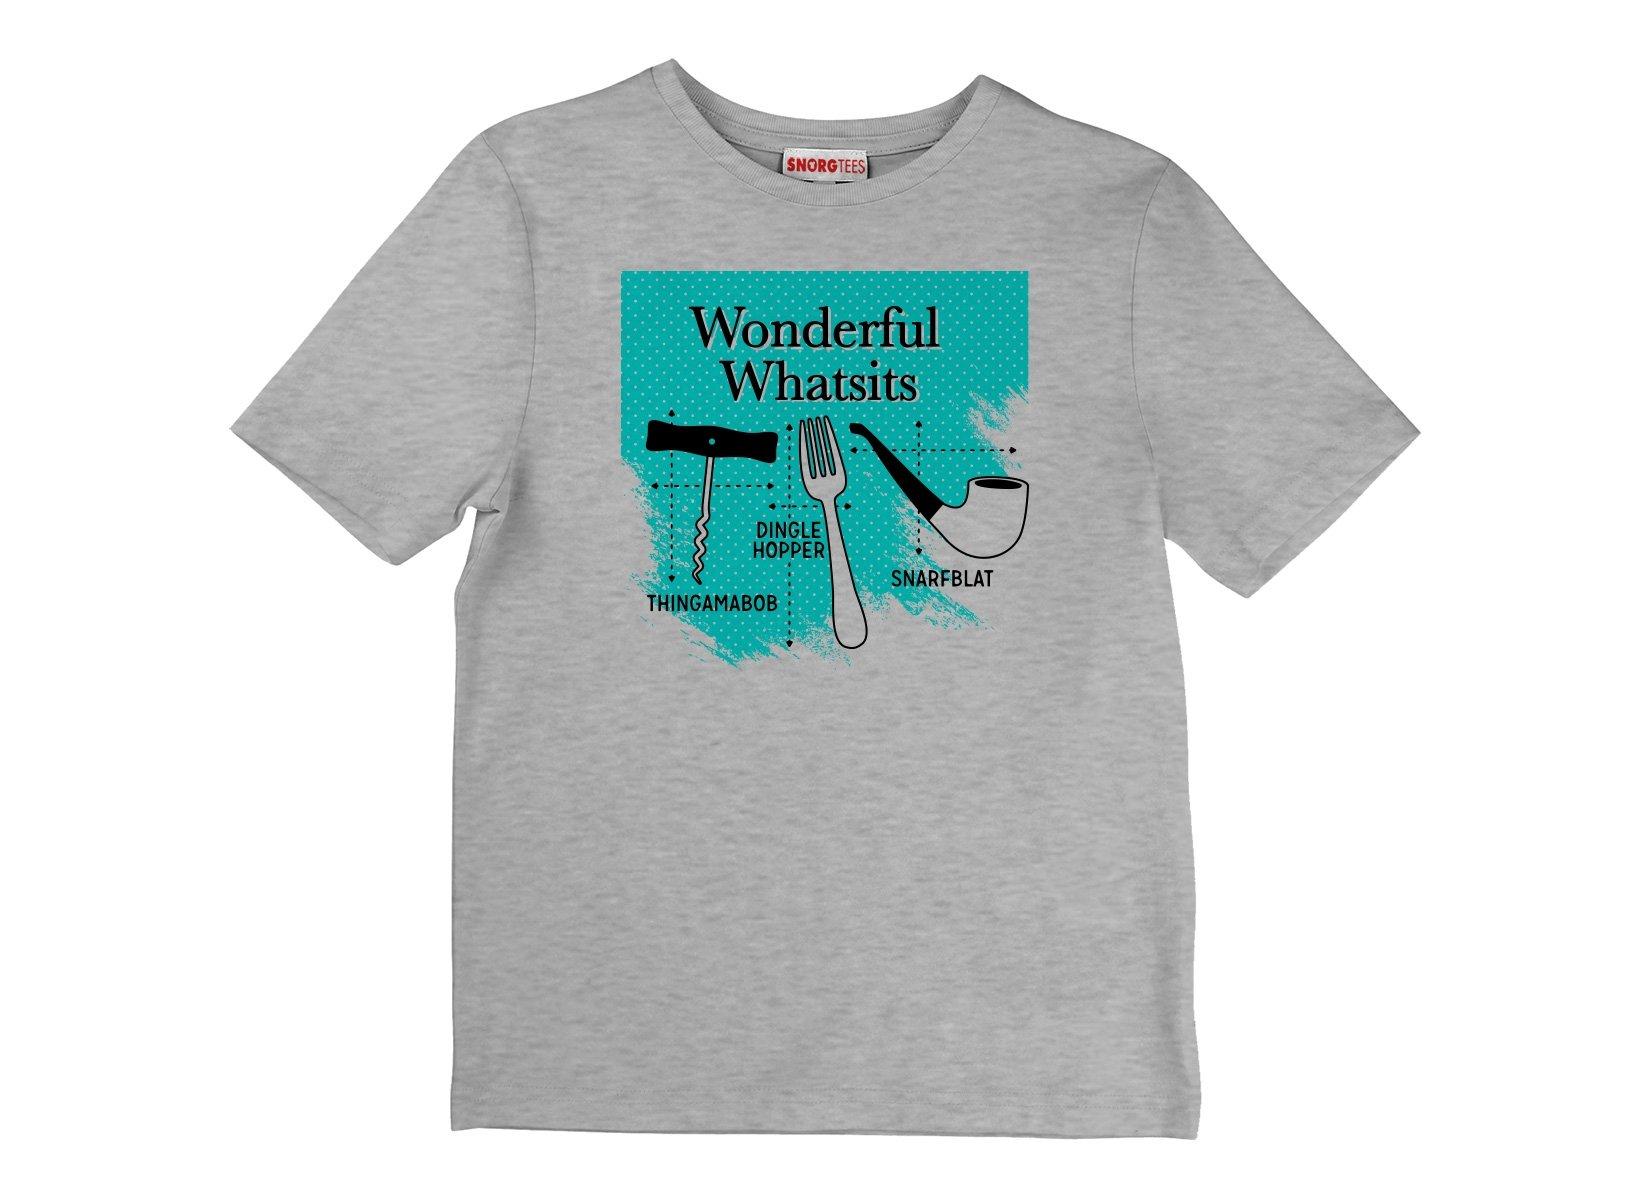 Wonderful Whatsits on Kids T-Shirt